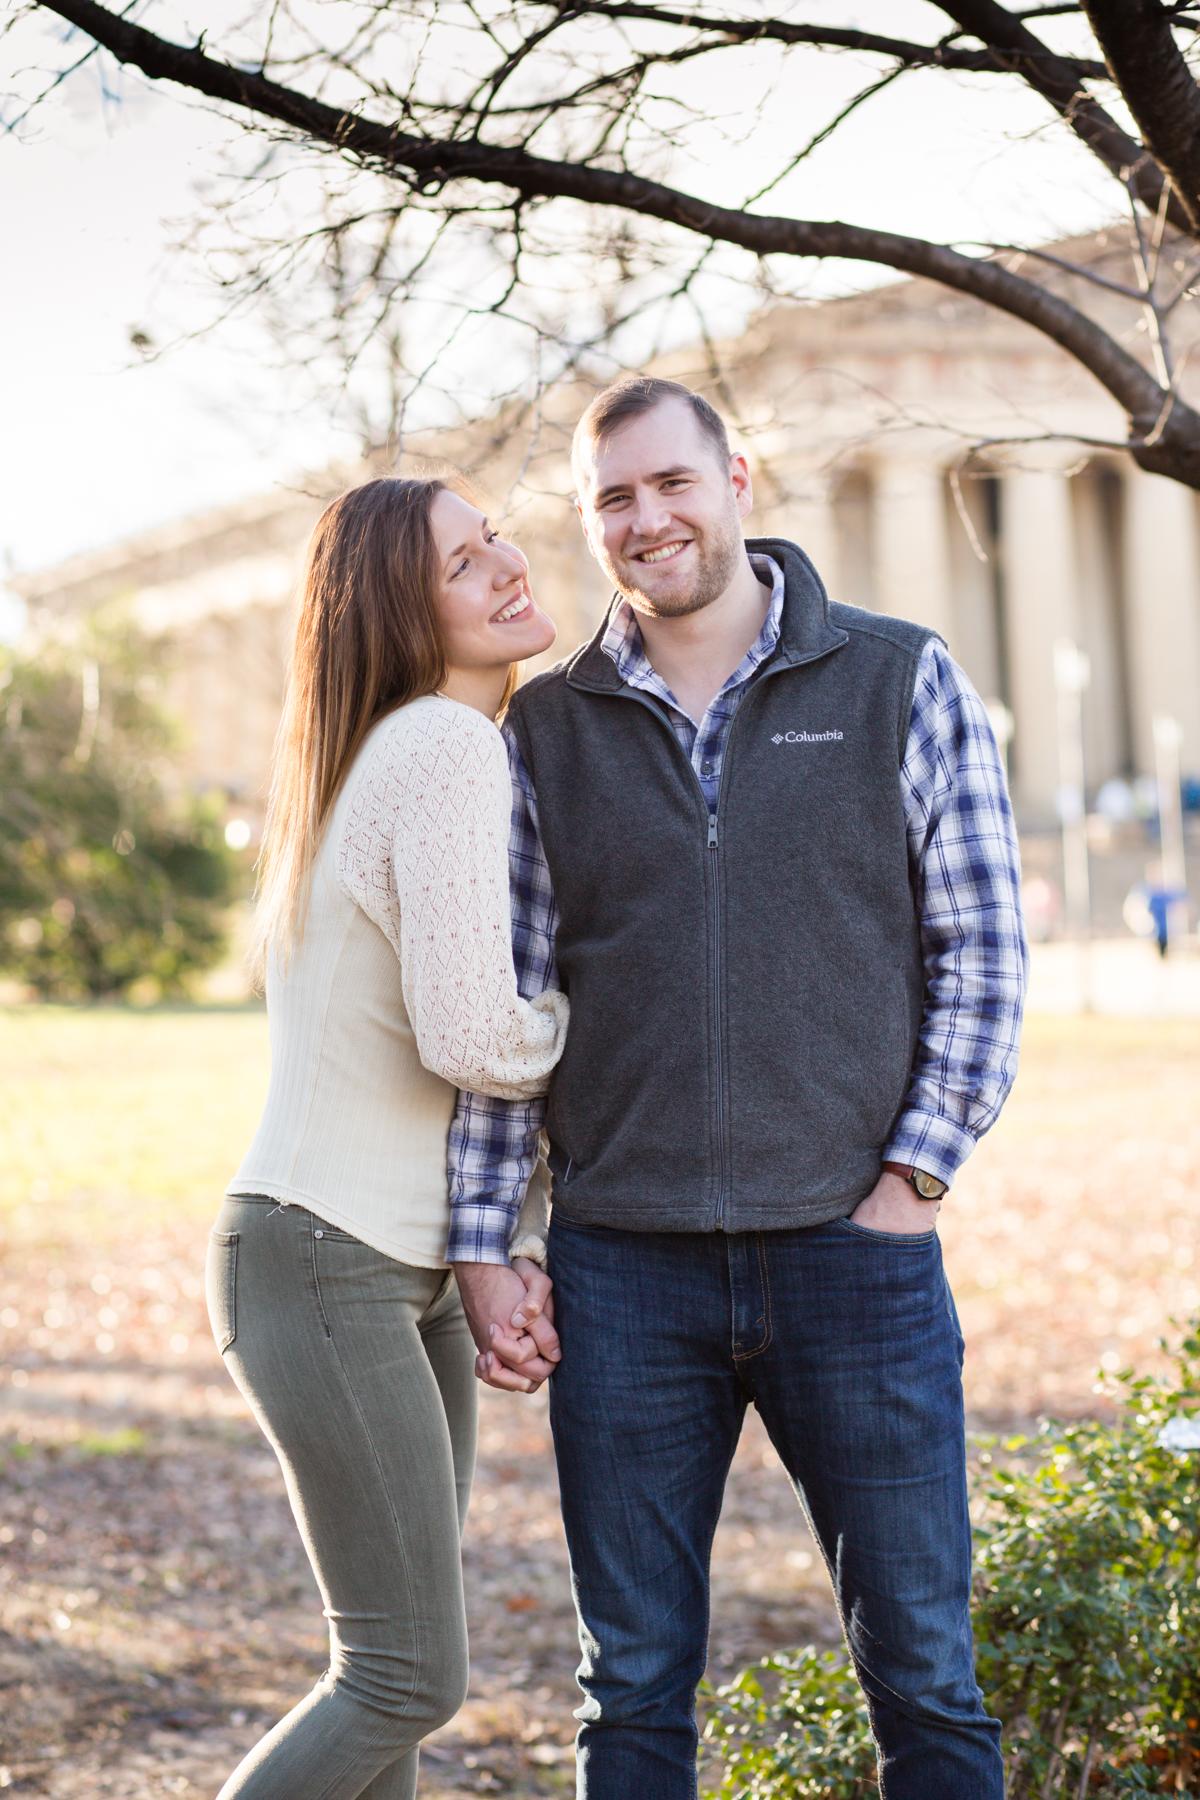 Lauren-and-Grant-Engagement-Centennial-Park-Nashville-Sneak-Peak-0027.jpg